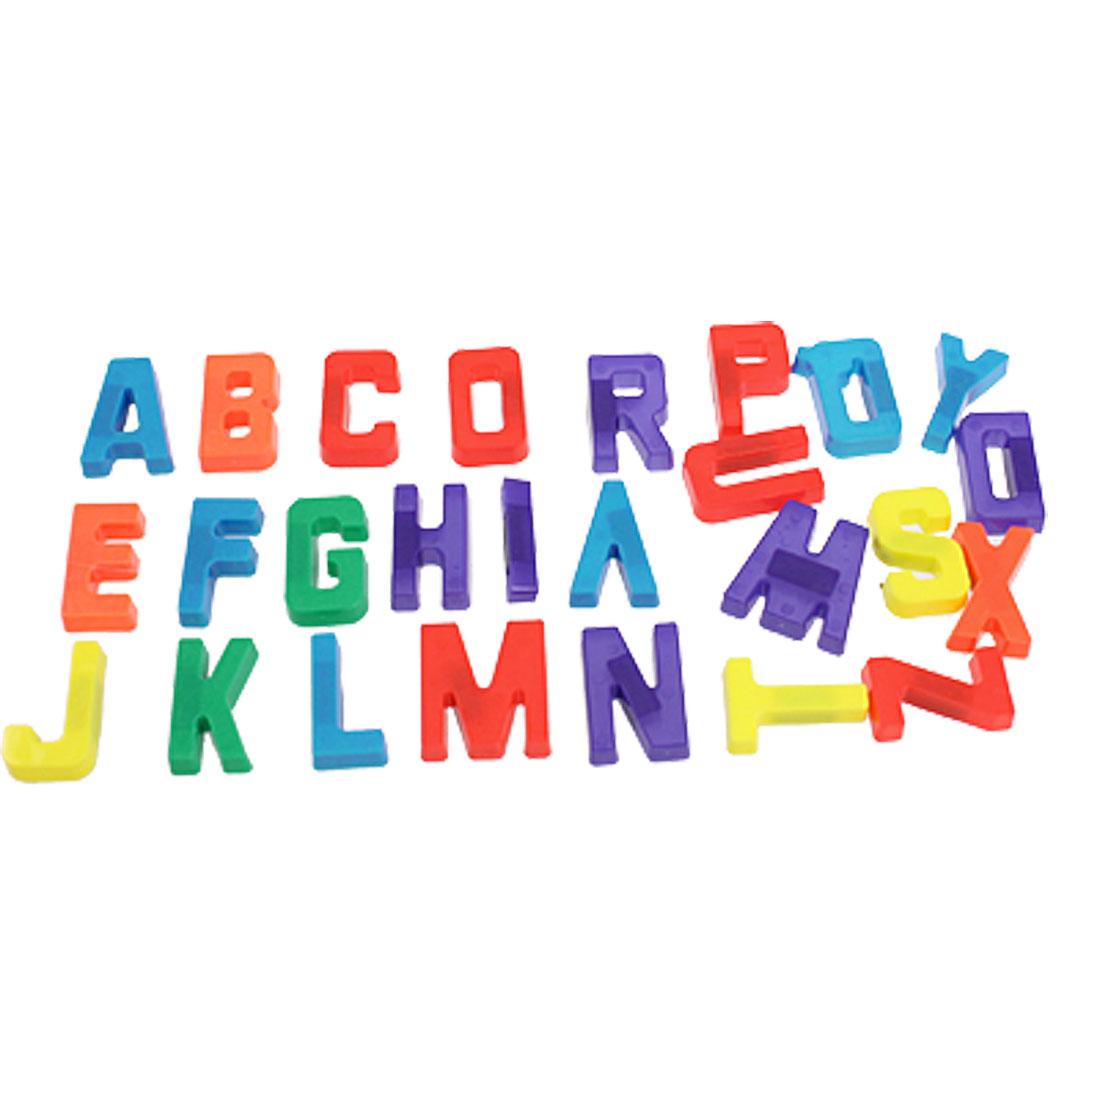 26 Pcs Alphabets Fridge Magnet Wall Letters Stickers